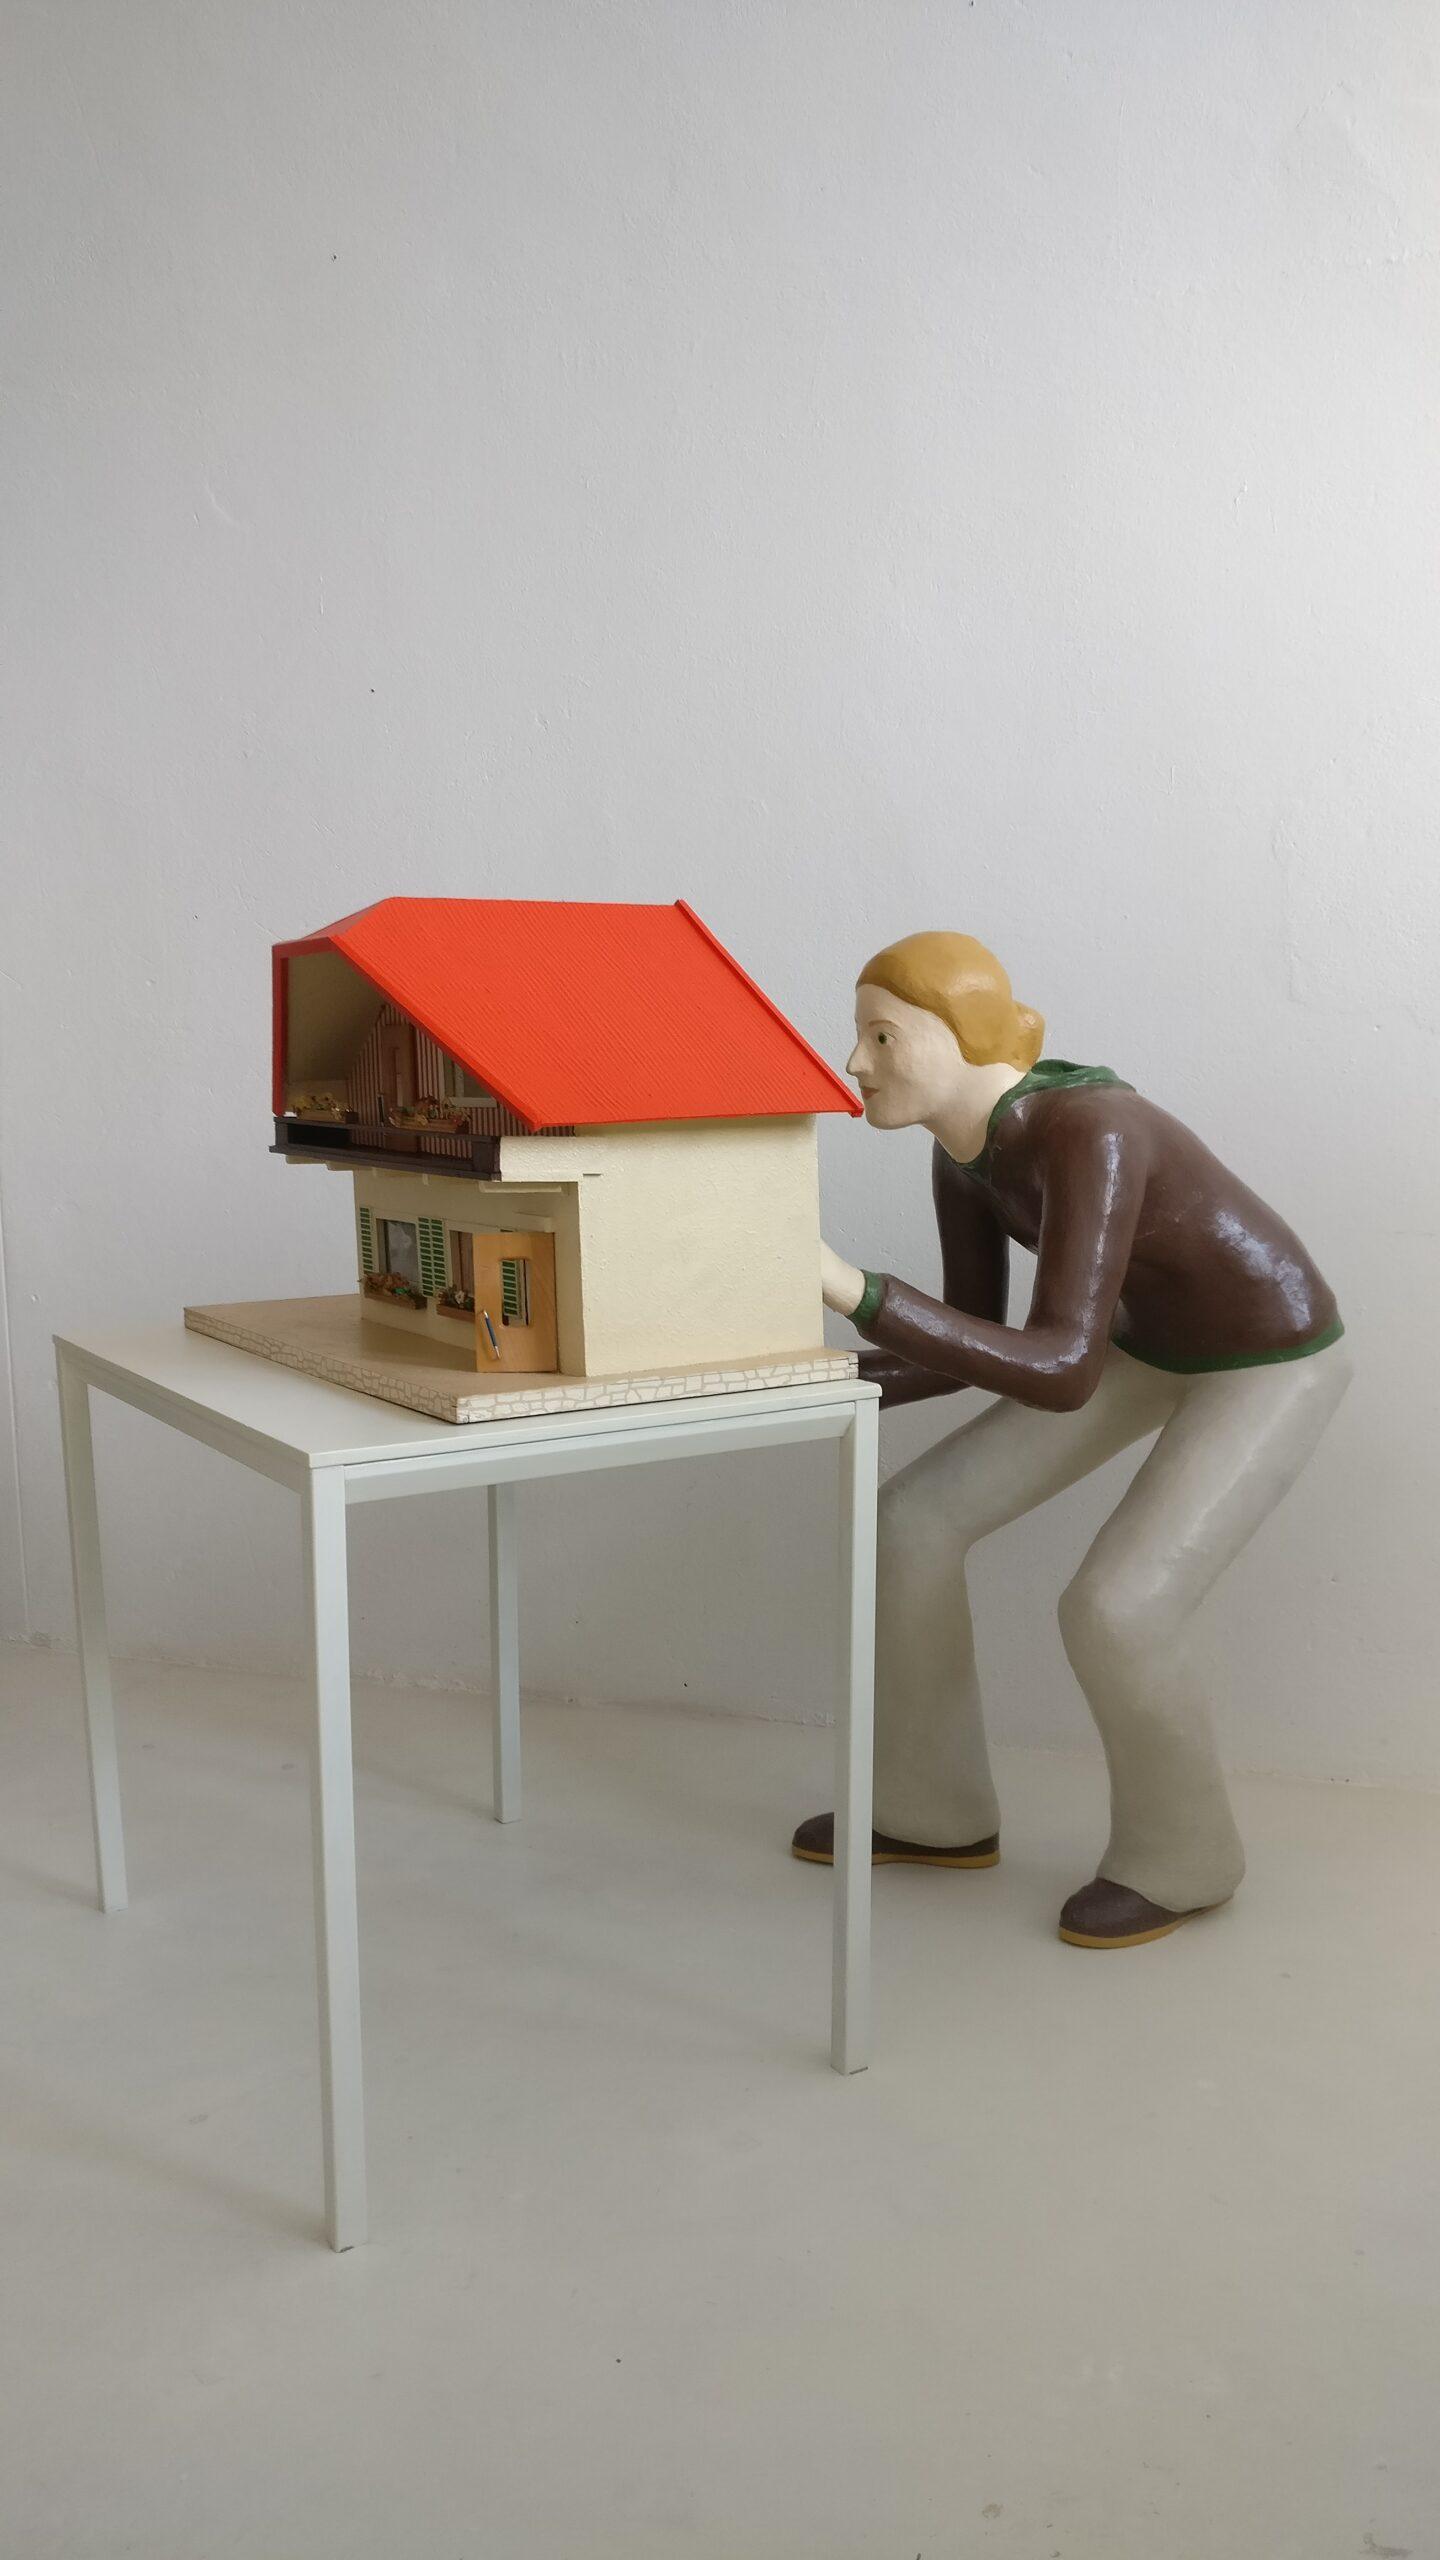 Marie Claire Krell, 1951, 1955, 1983, 2008, 2020, 2020. Installazione. Carta pesta, legno e materiali vari, 140x90x125 cm